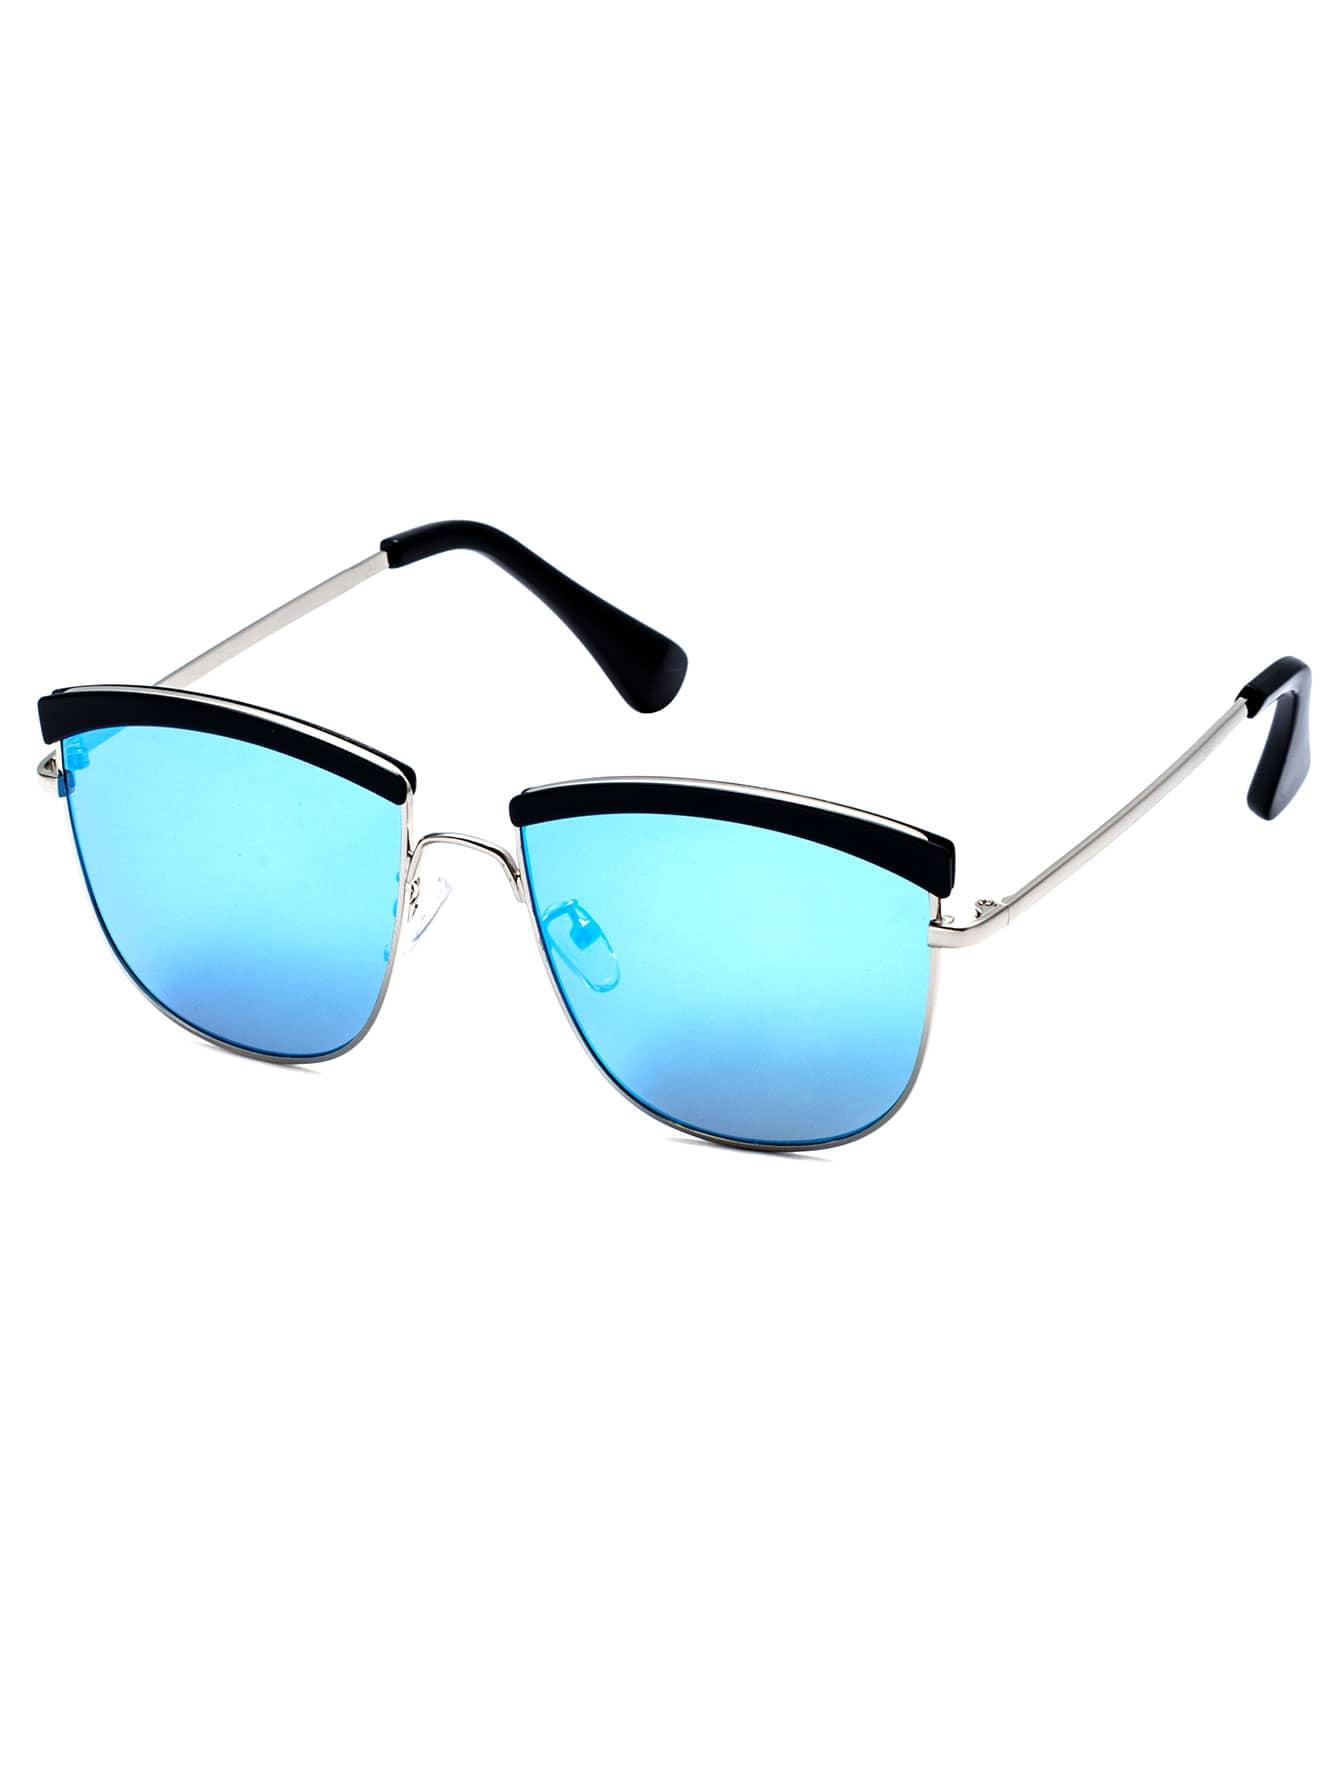 Silver Frame Blue Lens Sunglasses sunglass160913307